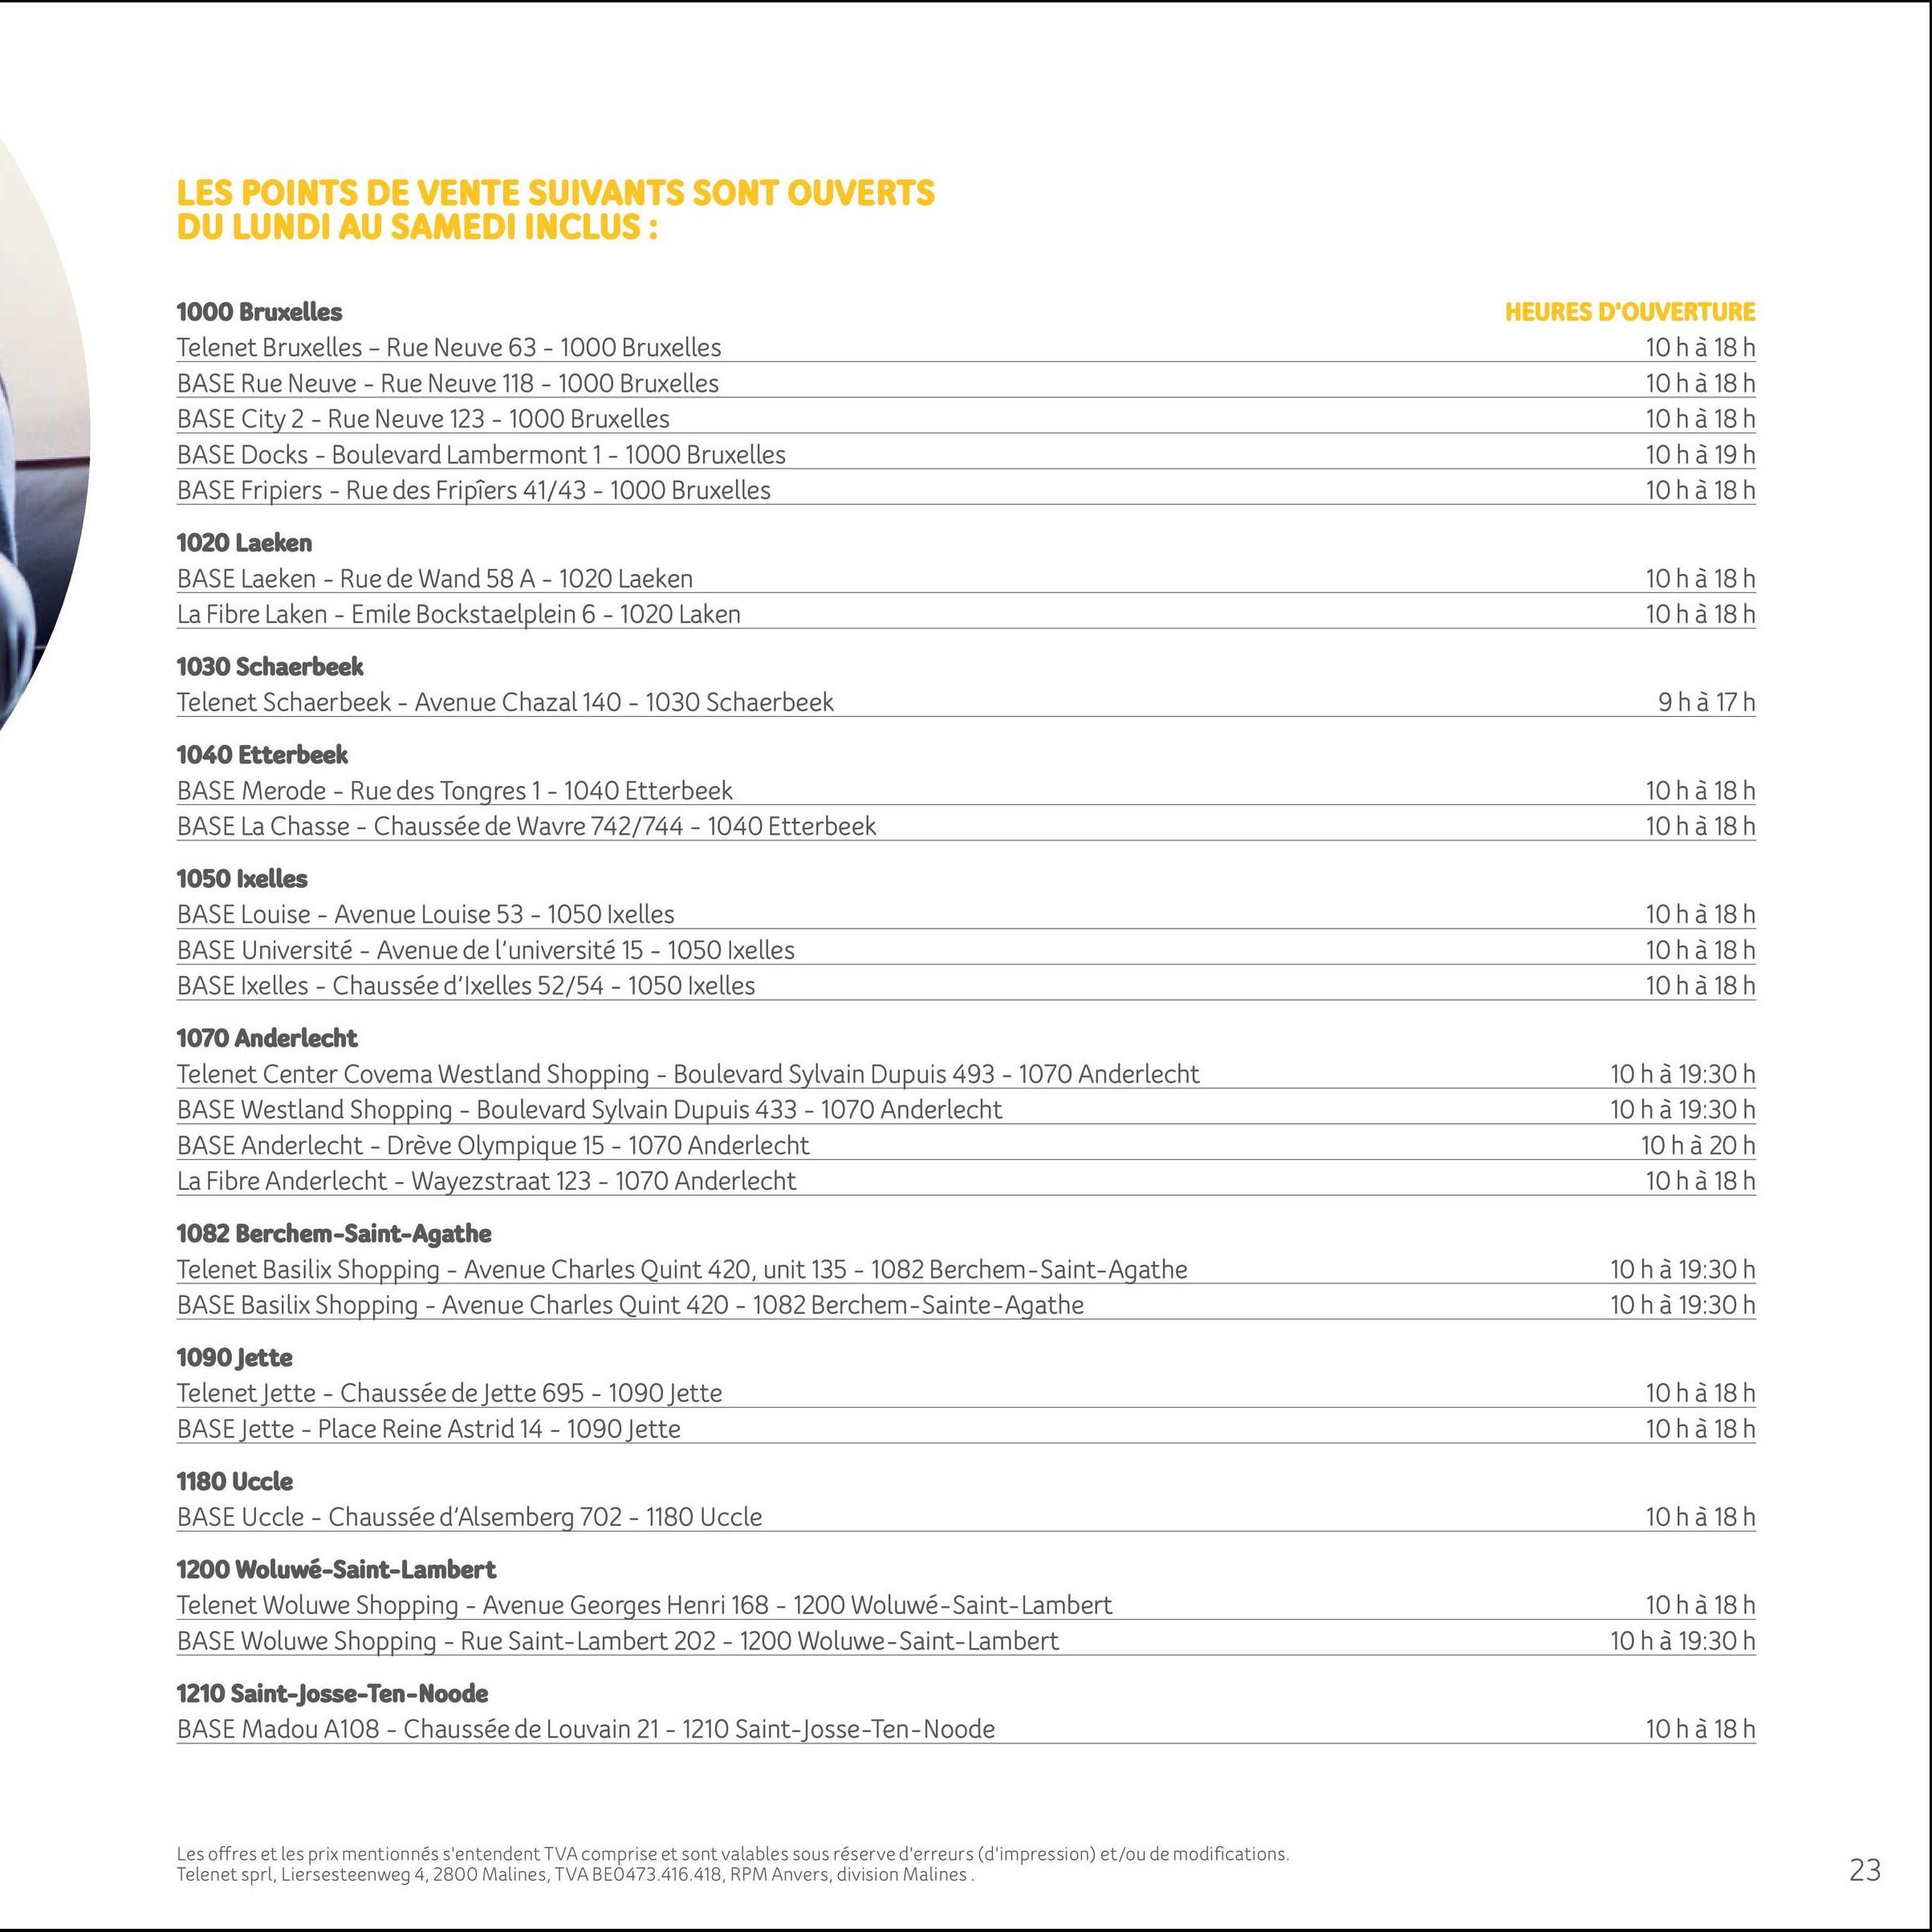 LES POINTS DE VENTE SUIVANTS SONT OUVERTS DU LUNDI AU SAMEDI INCLUS : 1000 Bruxelles Telenet Bruxelles - Rue Neuve 63 - 1000 Bruxelles BASE Rue Neuve - Rue Neuve 118 - 1000 Bruxelles BASE City 2 - Rue Neuve 123 - 1000 Bruxelles BASE Docks - Boulevard Lambermont 1 - 1000 Bruxelles BASE Fripiers - Rue des Fripíers 41/43 - 1000 Bruxelles HEURES D'OUVERTURE 10 h à 18 h 10 h à 18 h 10 h à 18 h 10 h à 19 h 10 h à 18 h 1020 Laeken BASE Laeken - Rue de Wand 58 A - 1020 Laeken La Fibre Laken - Emile Bockstaelplein 6 - 1020 Laken 10 h à 18 h 10 h à 18 h 1030 Schaerbeek Telenet Schaerbeek - Avenue Chazal 140 - 1030 Schaerbeek 9 h à 17 h 1040 Etterbeek BASE Merode - Rue des Tongres 1 - 1040 Etterbeek BASE La Chasse - Chaussée de Wavre 742/744 - 1040 Etterbeek 10 h à 18h 10 h à 18 h 1050 Ixelles BASE Louise - Avenue Louise 53 - 1050 Ixelles BASE Université - Avenue de l'université 15 - 1050 Ixelles BASE Ixelles - Chaussée d'Ixelles 52/54 - 1050 Ixelles 10 h à 18 h 10 h à 18 h 10 h à 18 h 1070 Anderlecht Telenet Center Covena Westland Shopping - Boulevard Sylvain Dupuis 493 - 1070 Anderlecht BASE Westland Shopping - Boulevard Sylvain Dupuis 433 - 1070 Anderlecht BASE Anderlecht - Drève Olympique 15 - 1070 Anderlecht La Fibre Anderlecht - Wayezstraat 123 - 1070 Anderlecht 1082 Berchem-Saint-Agathe Telenet Basilix Shopping - Avenue Charles Quint 420, unit 135 - 1082 Berchem-Saint-Agathe BASE Basilix Shopping - Avenue Charles Quint 420 - 1082 Berchem-Sainte-Agathe 10 h à 19:30 h 10 h à 19:30 h 10 h à 20 h 10 h à 18 h 10 h à 19:30 h 10 h à 19:30 h 1090 Jette Telenet Jette - Chaussée de Jette 695 - 1090 Jette BASE Jette - Place Reine Astrid 14 - 1090 Jette 10 h à 18 h 10 h à 18 h 1180 Uccle BASE Uccle - Chaussée d'Alsemberg 702 - 1180 Uccle 10 h à 18 h 1200 Woluwé-Saint-Lambert Telenet Woluwe Shopping - Avenue Georges Henri 168 - 1200 Woluwé-Saint-Lambert BASE Woluwe Shopping - Rue Saint-Lambert 202 - 1200 Woluwe-Saint-Lambert 10 h à 18h 10 h à 19:30 h 1210 Saint-Josse-Ten-Noode BASE 